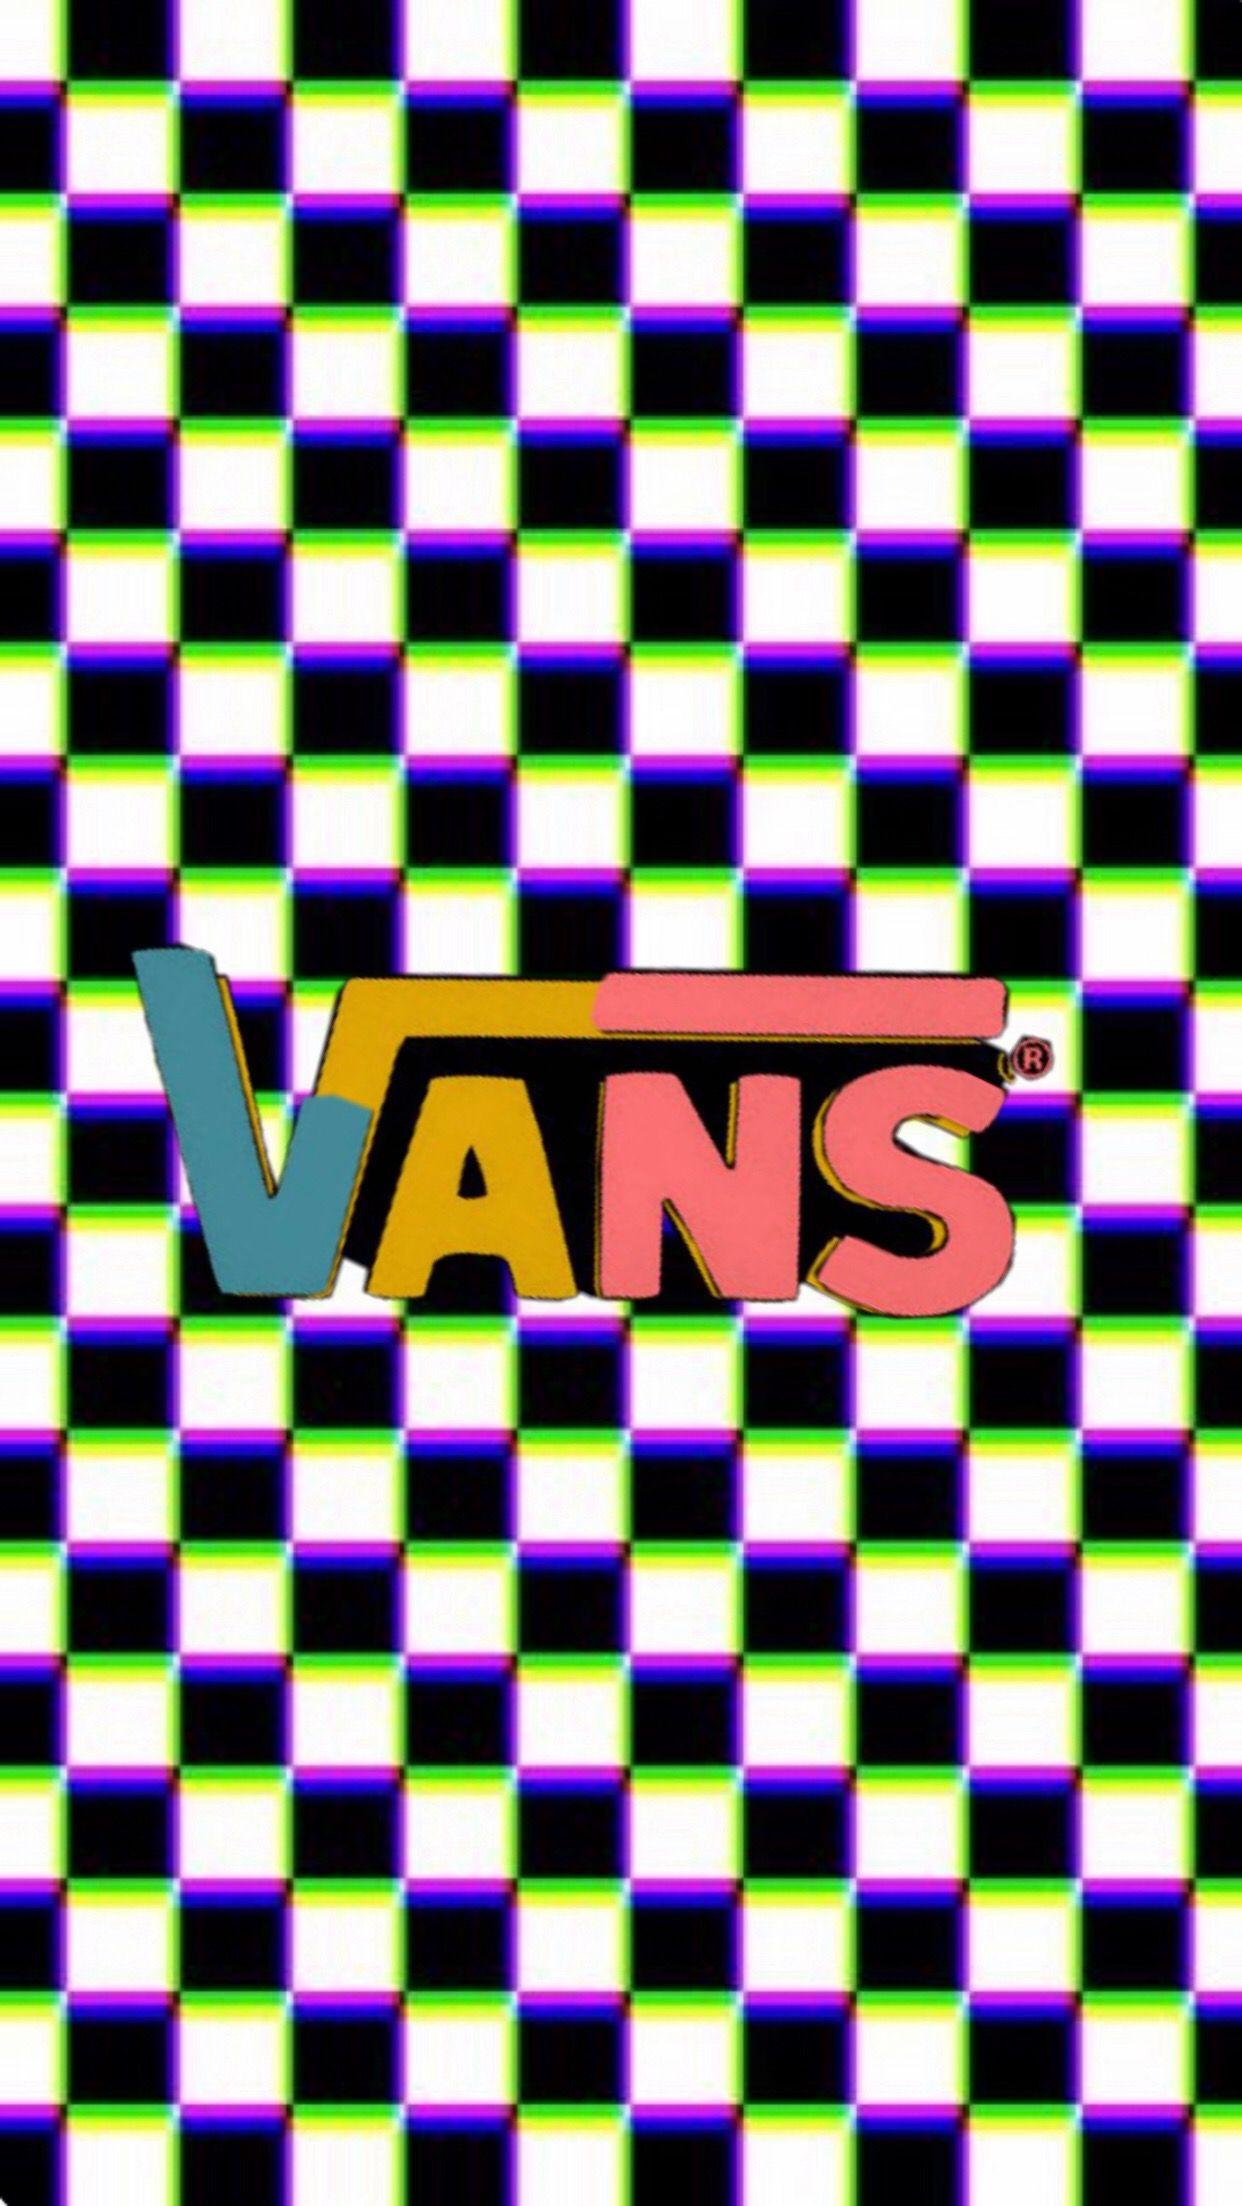 Photo By Alexialambert2 Iphone Wallpaper Vans Hype Wallpaper